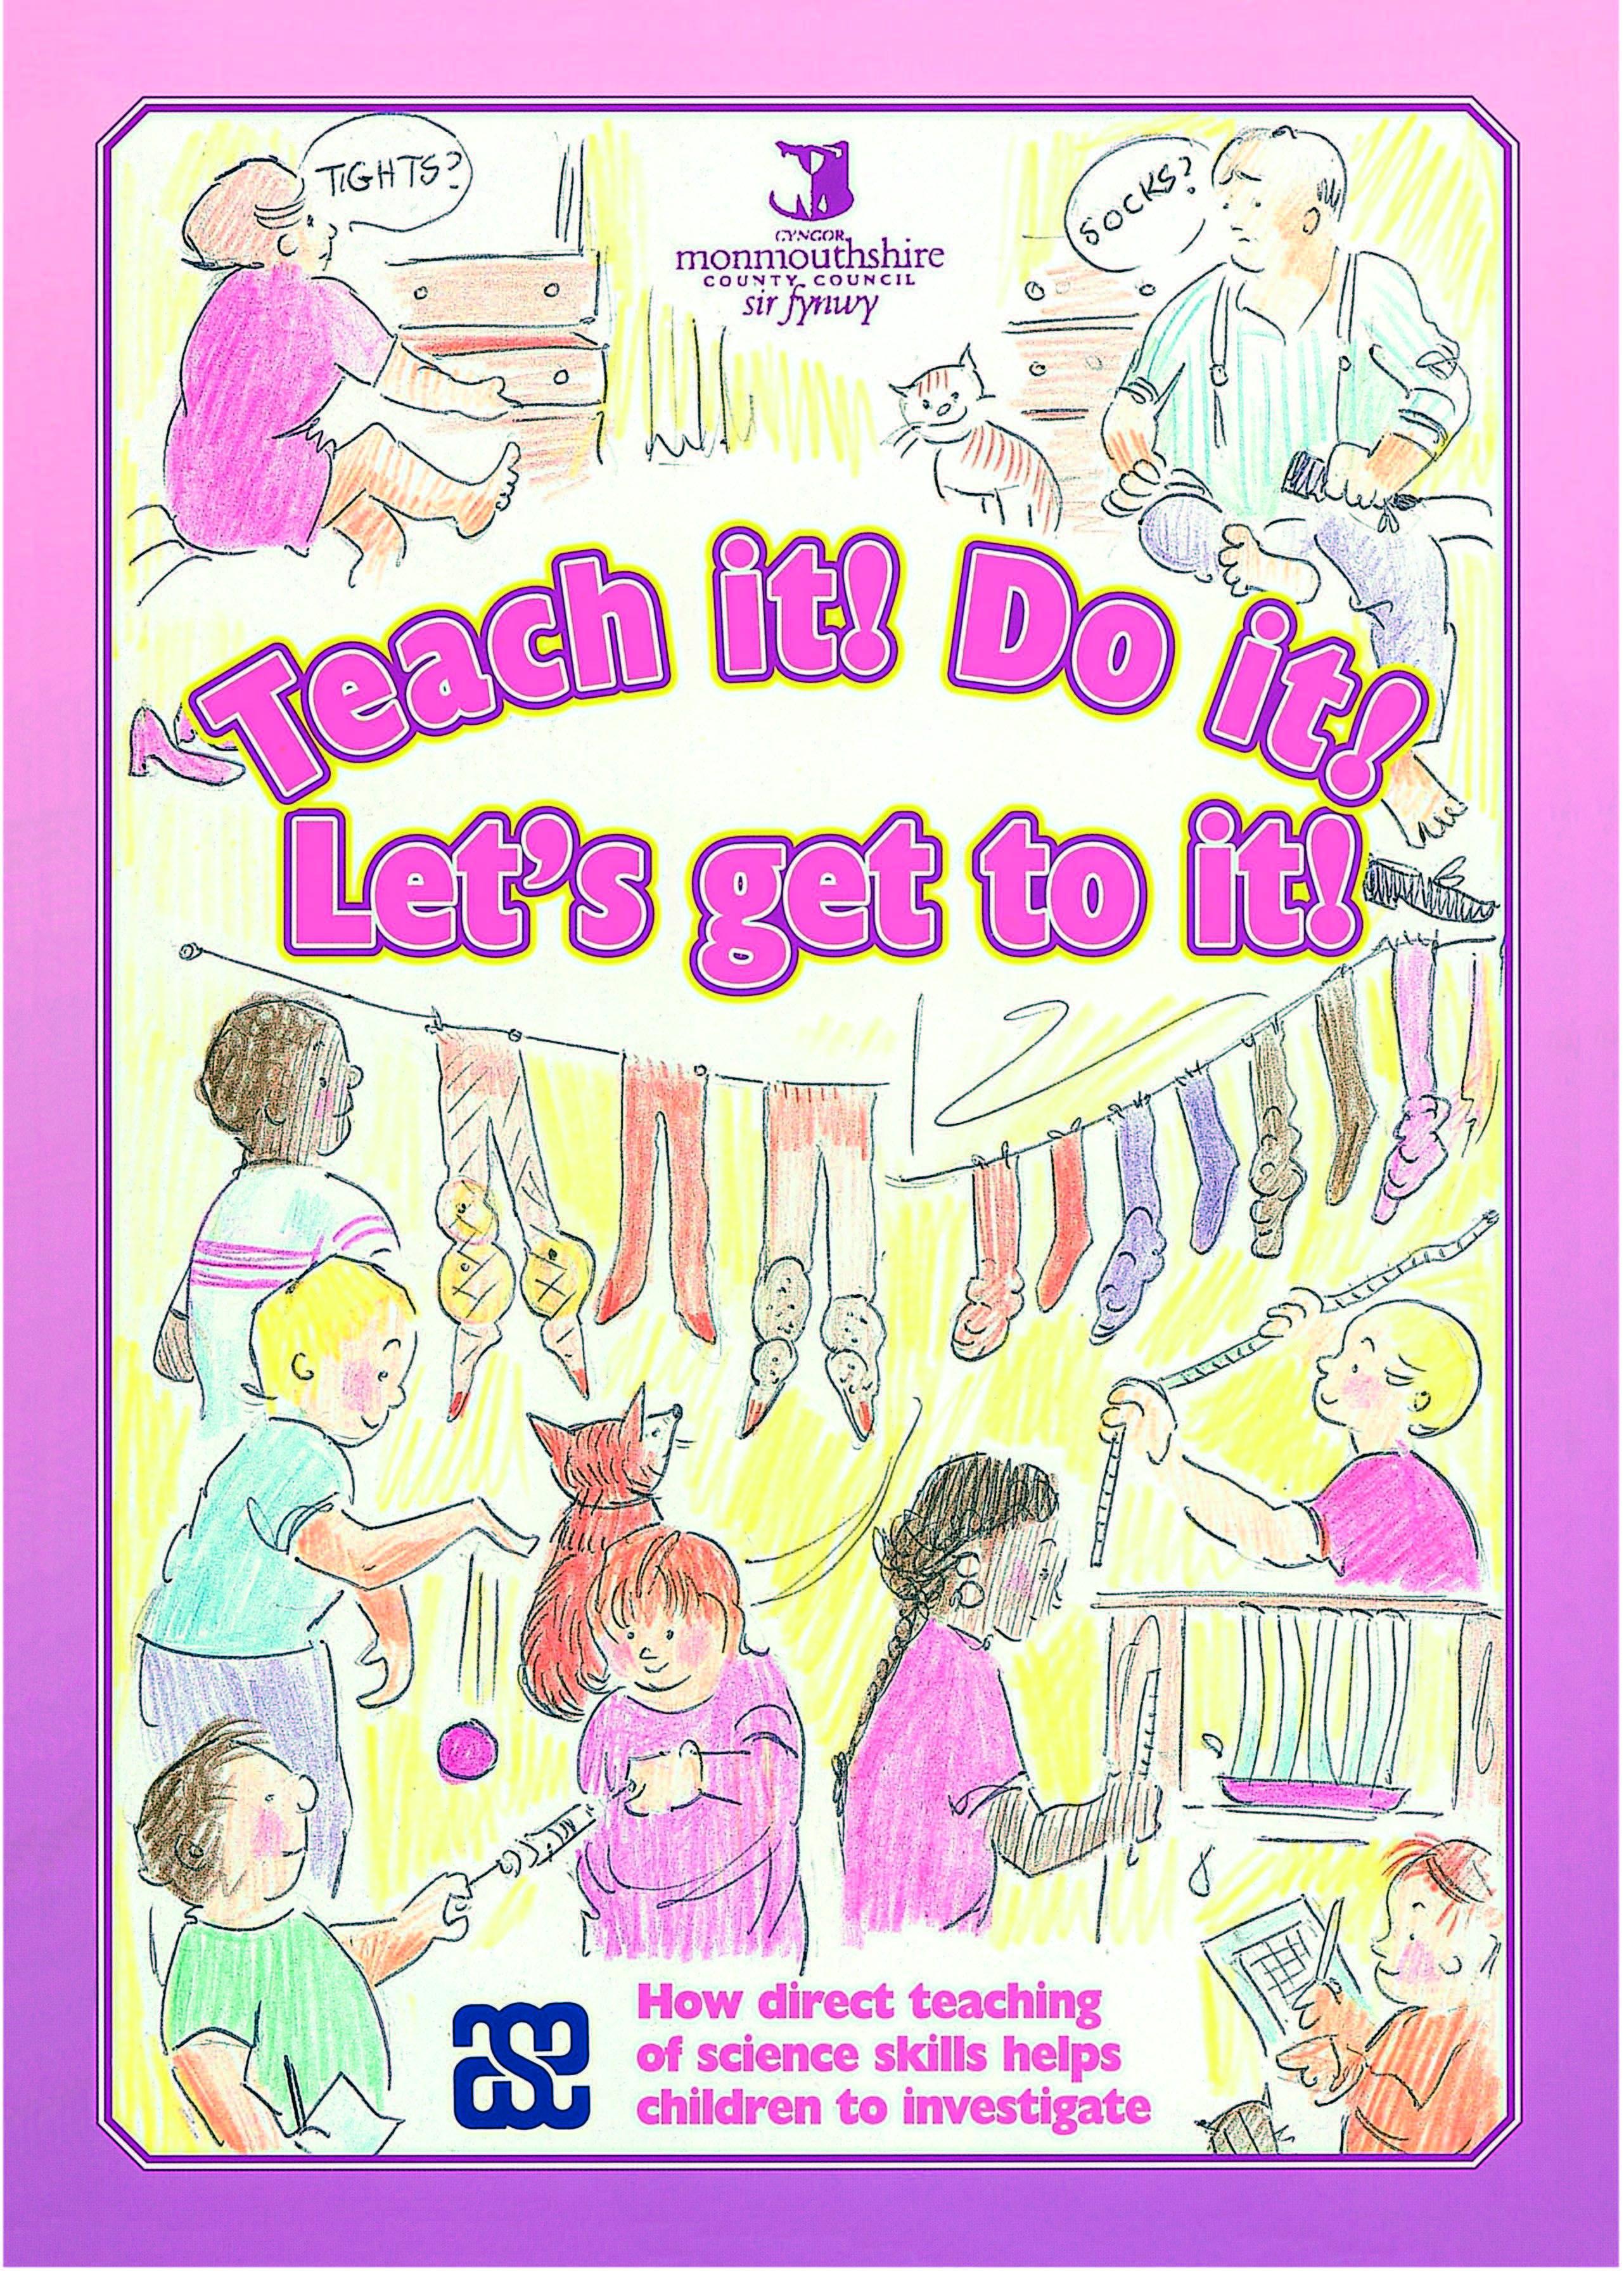 Teach It! Do It! Let's Get to It!